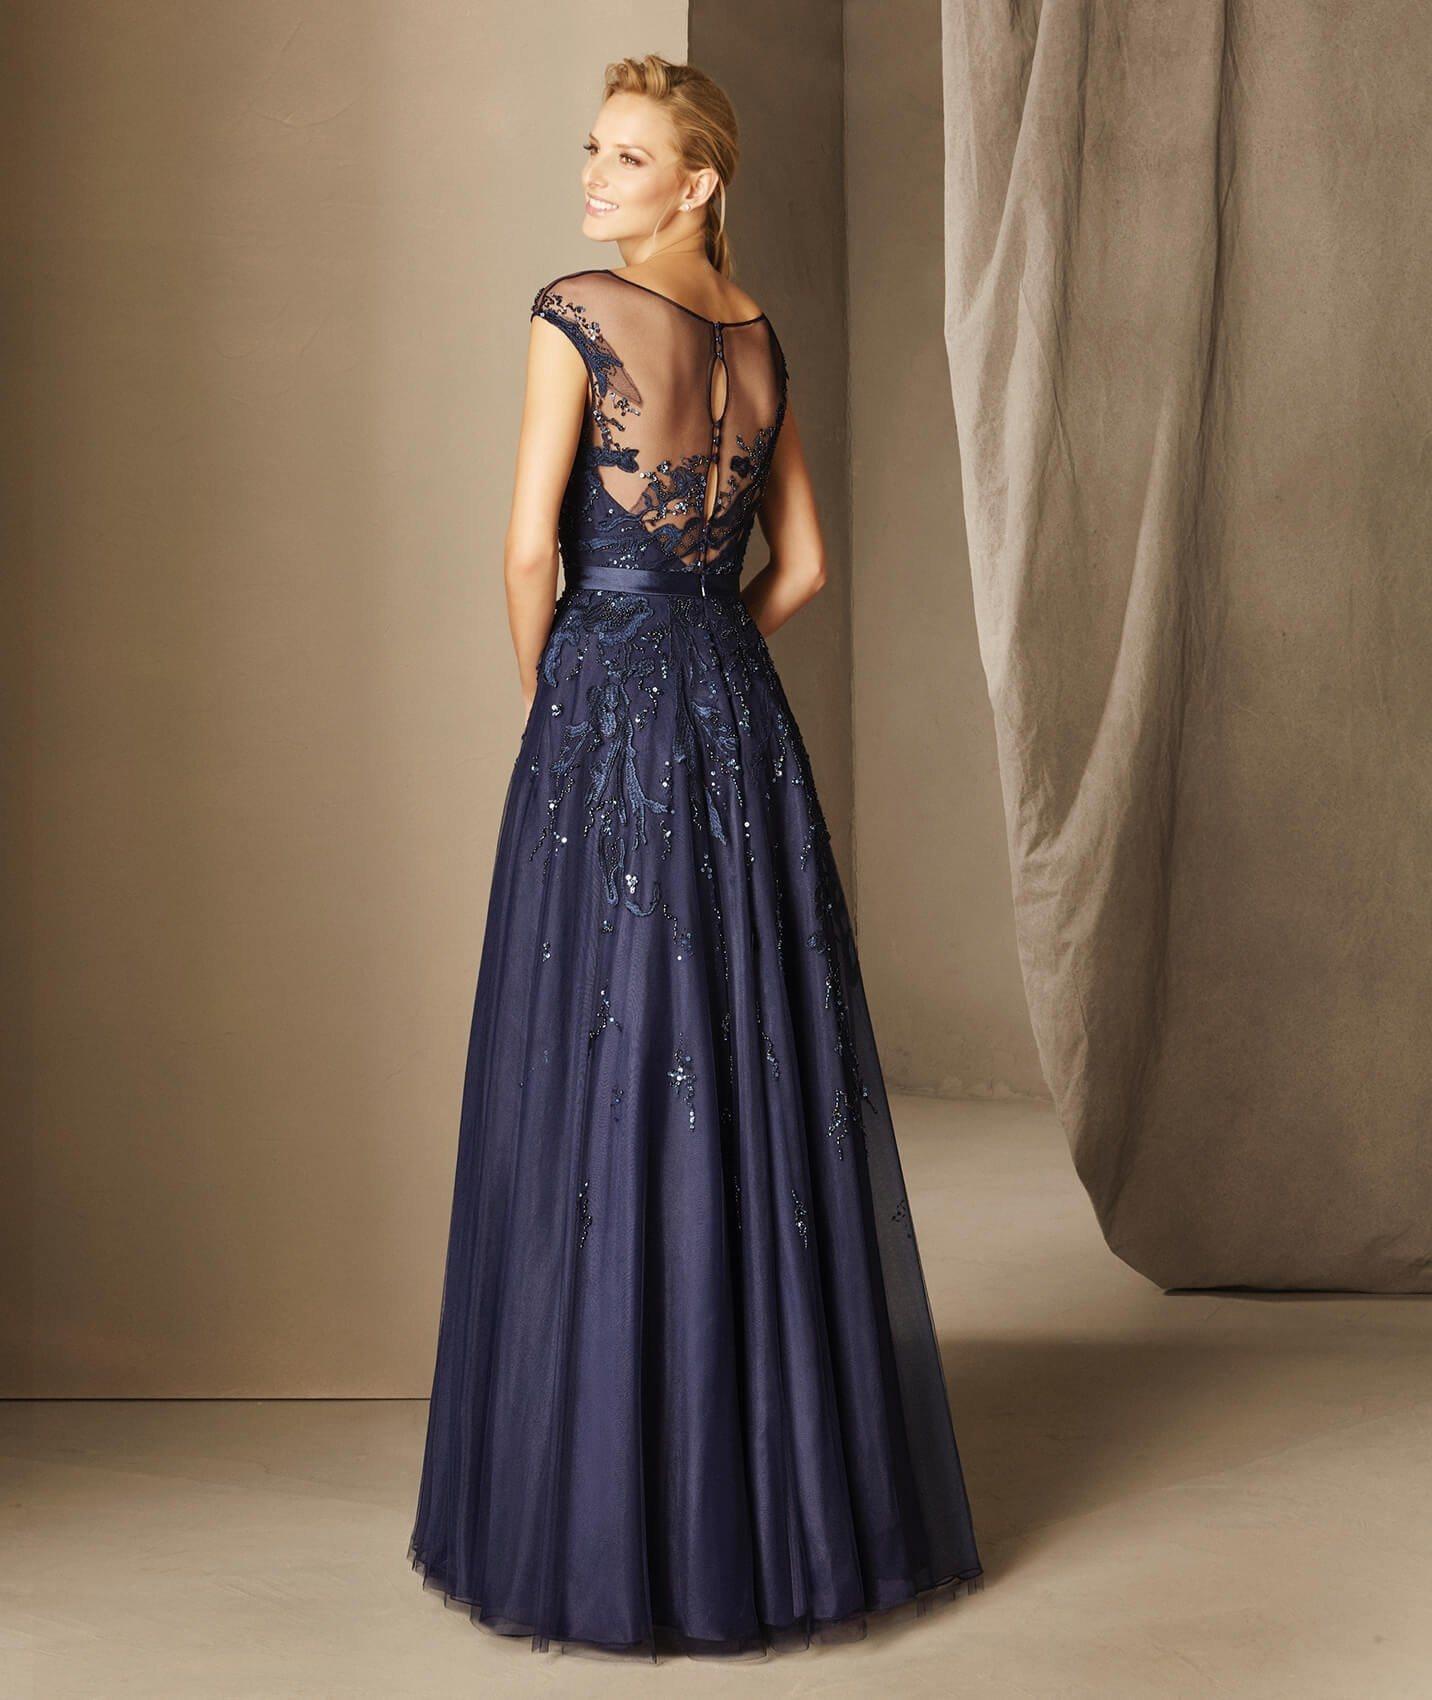 Best Selling Brand Name Floor Length A-Line Side Slit V-Neck Backless Big Size Women Dress Evening Dress (WD72)